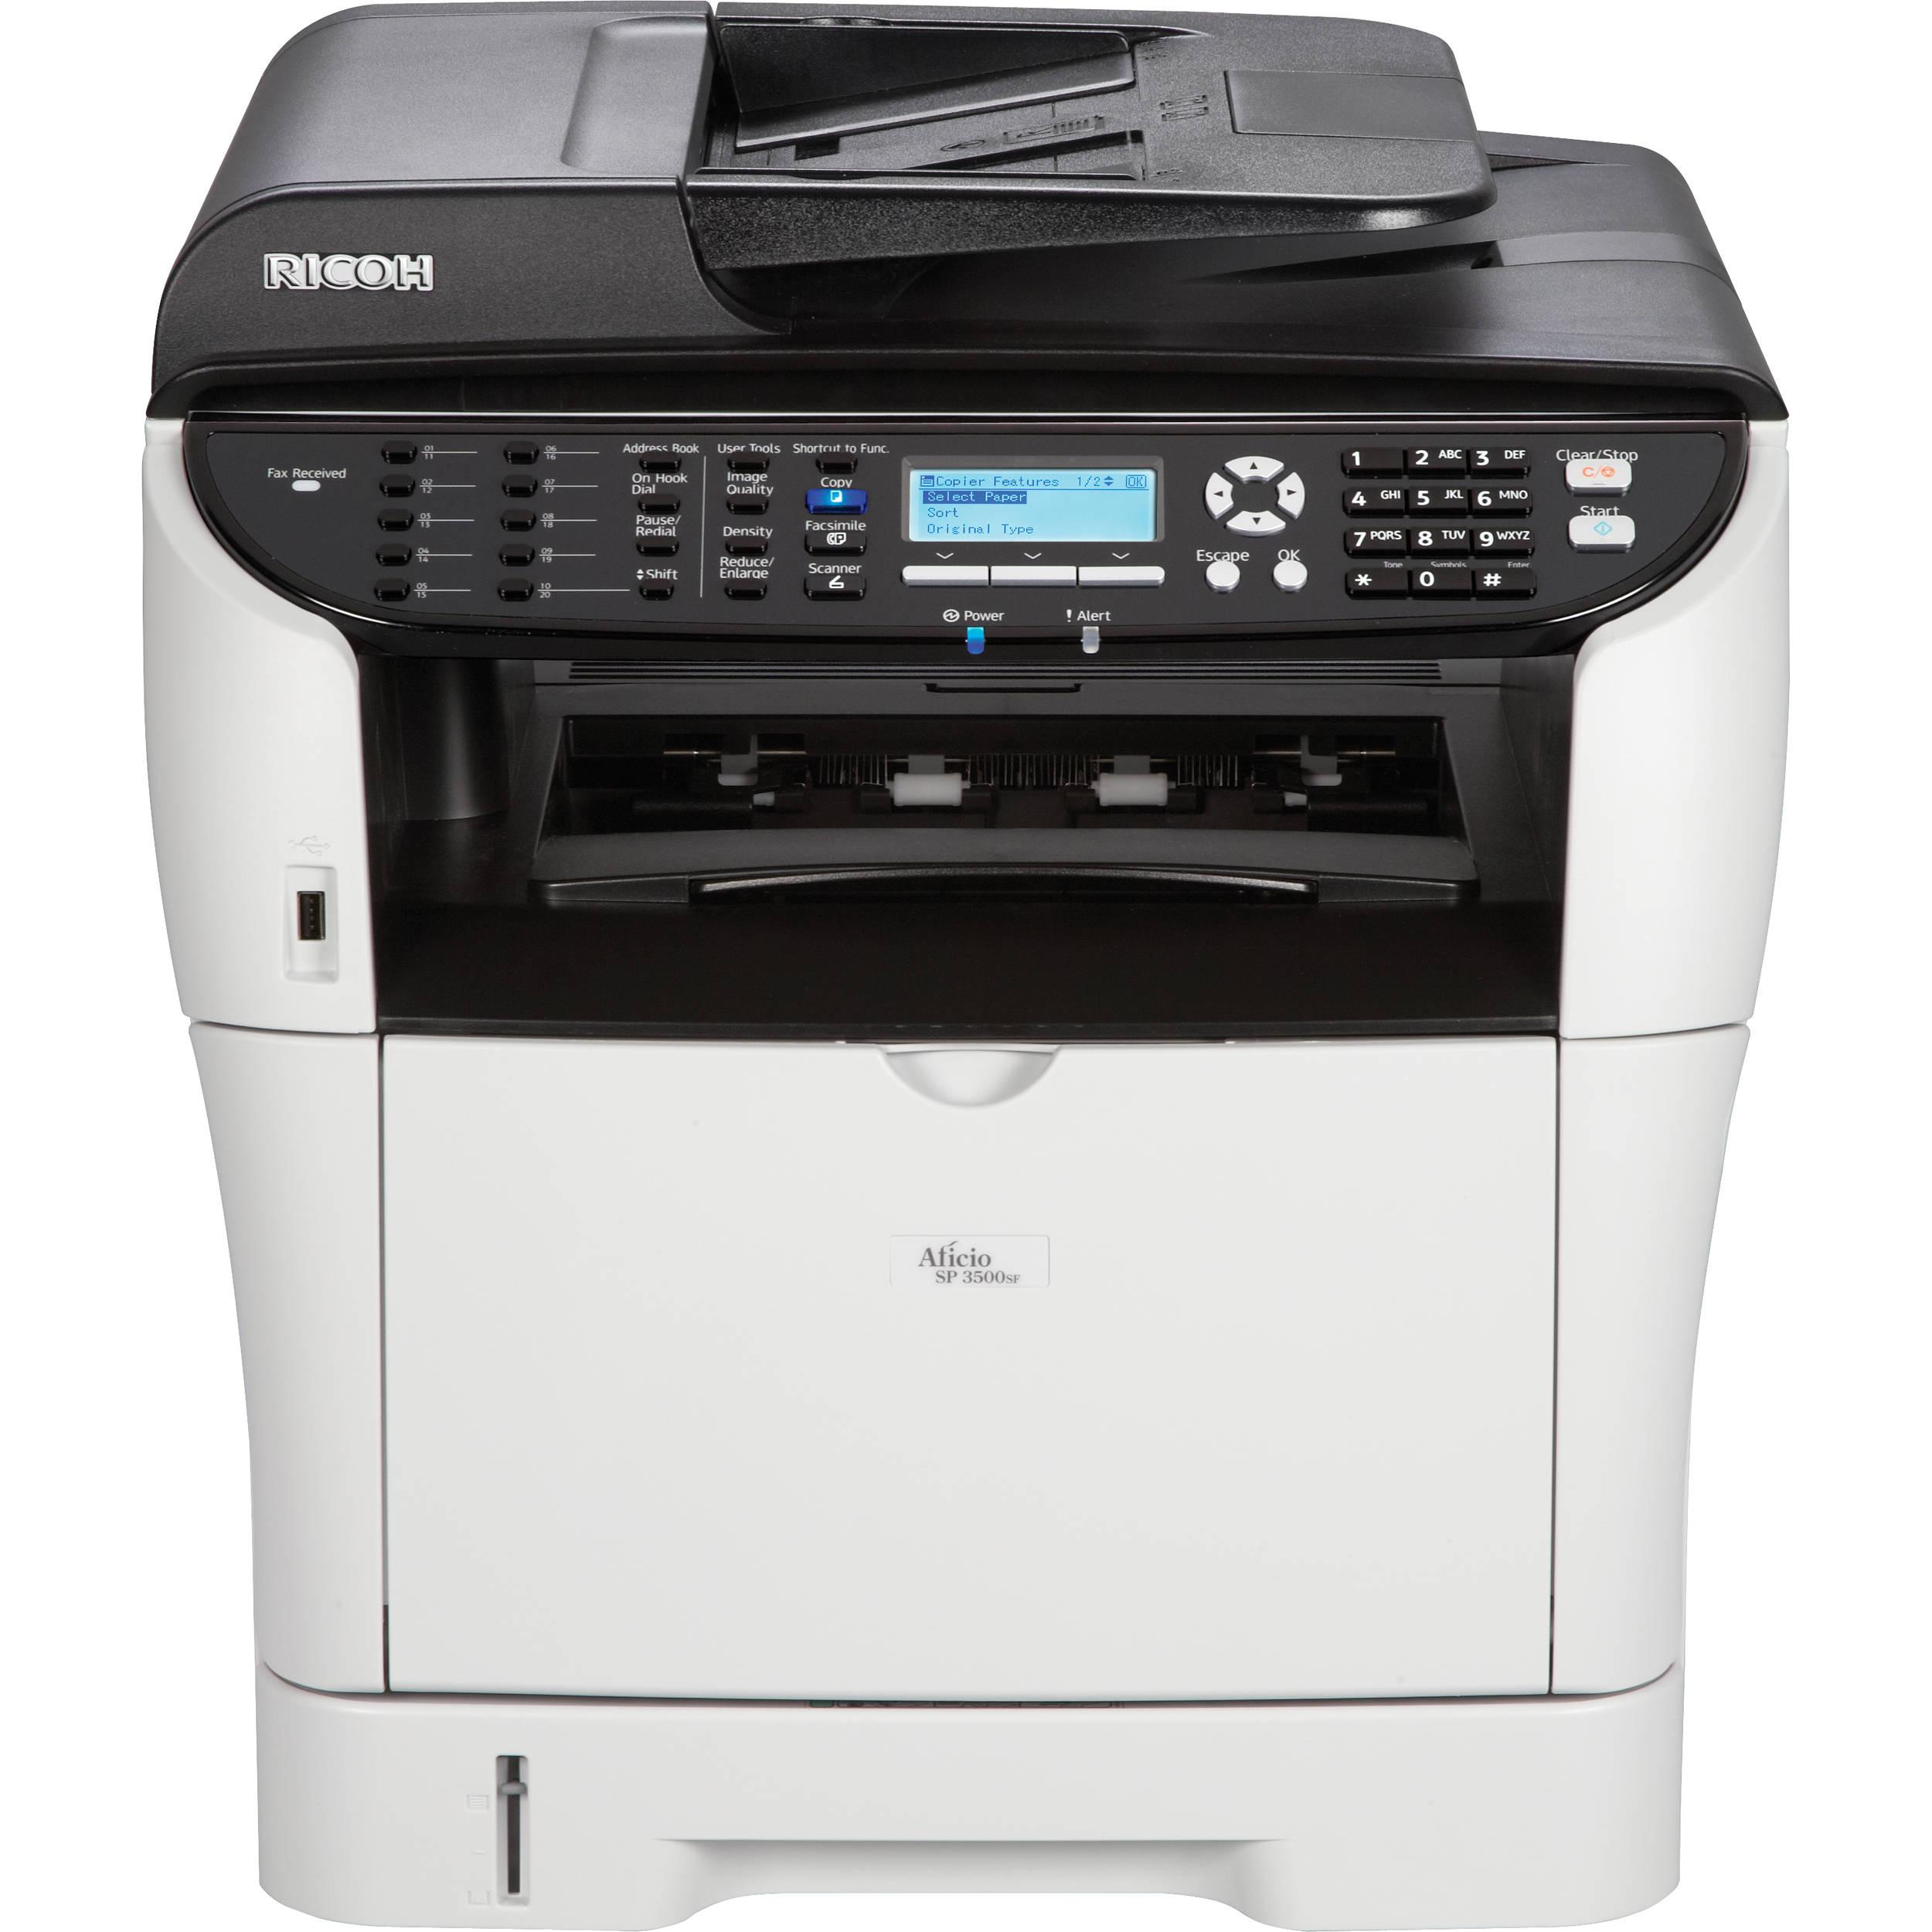 Printer Desk Ricoh Aficio Sp 3500sf Network Monochrome All In One